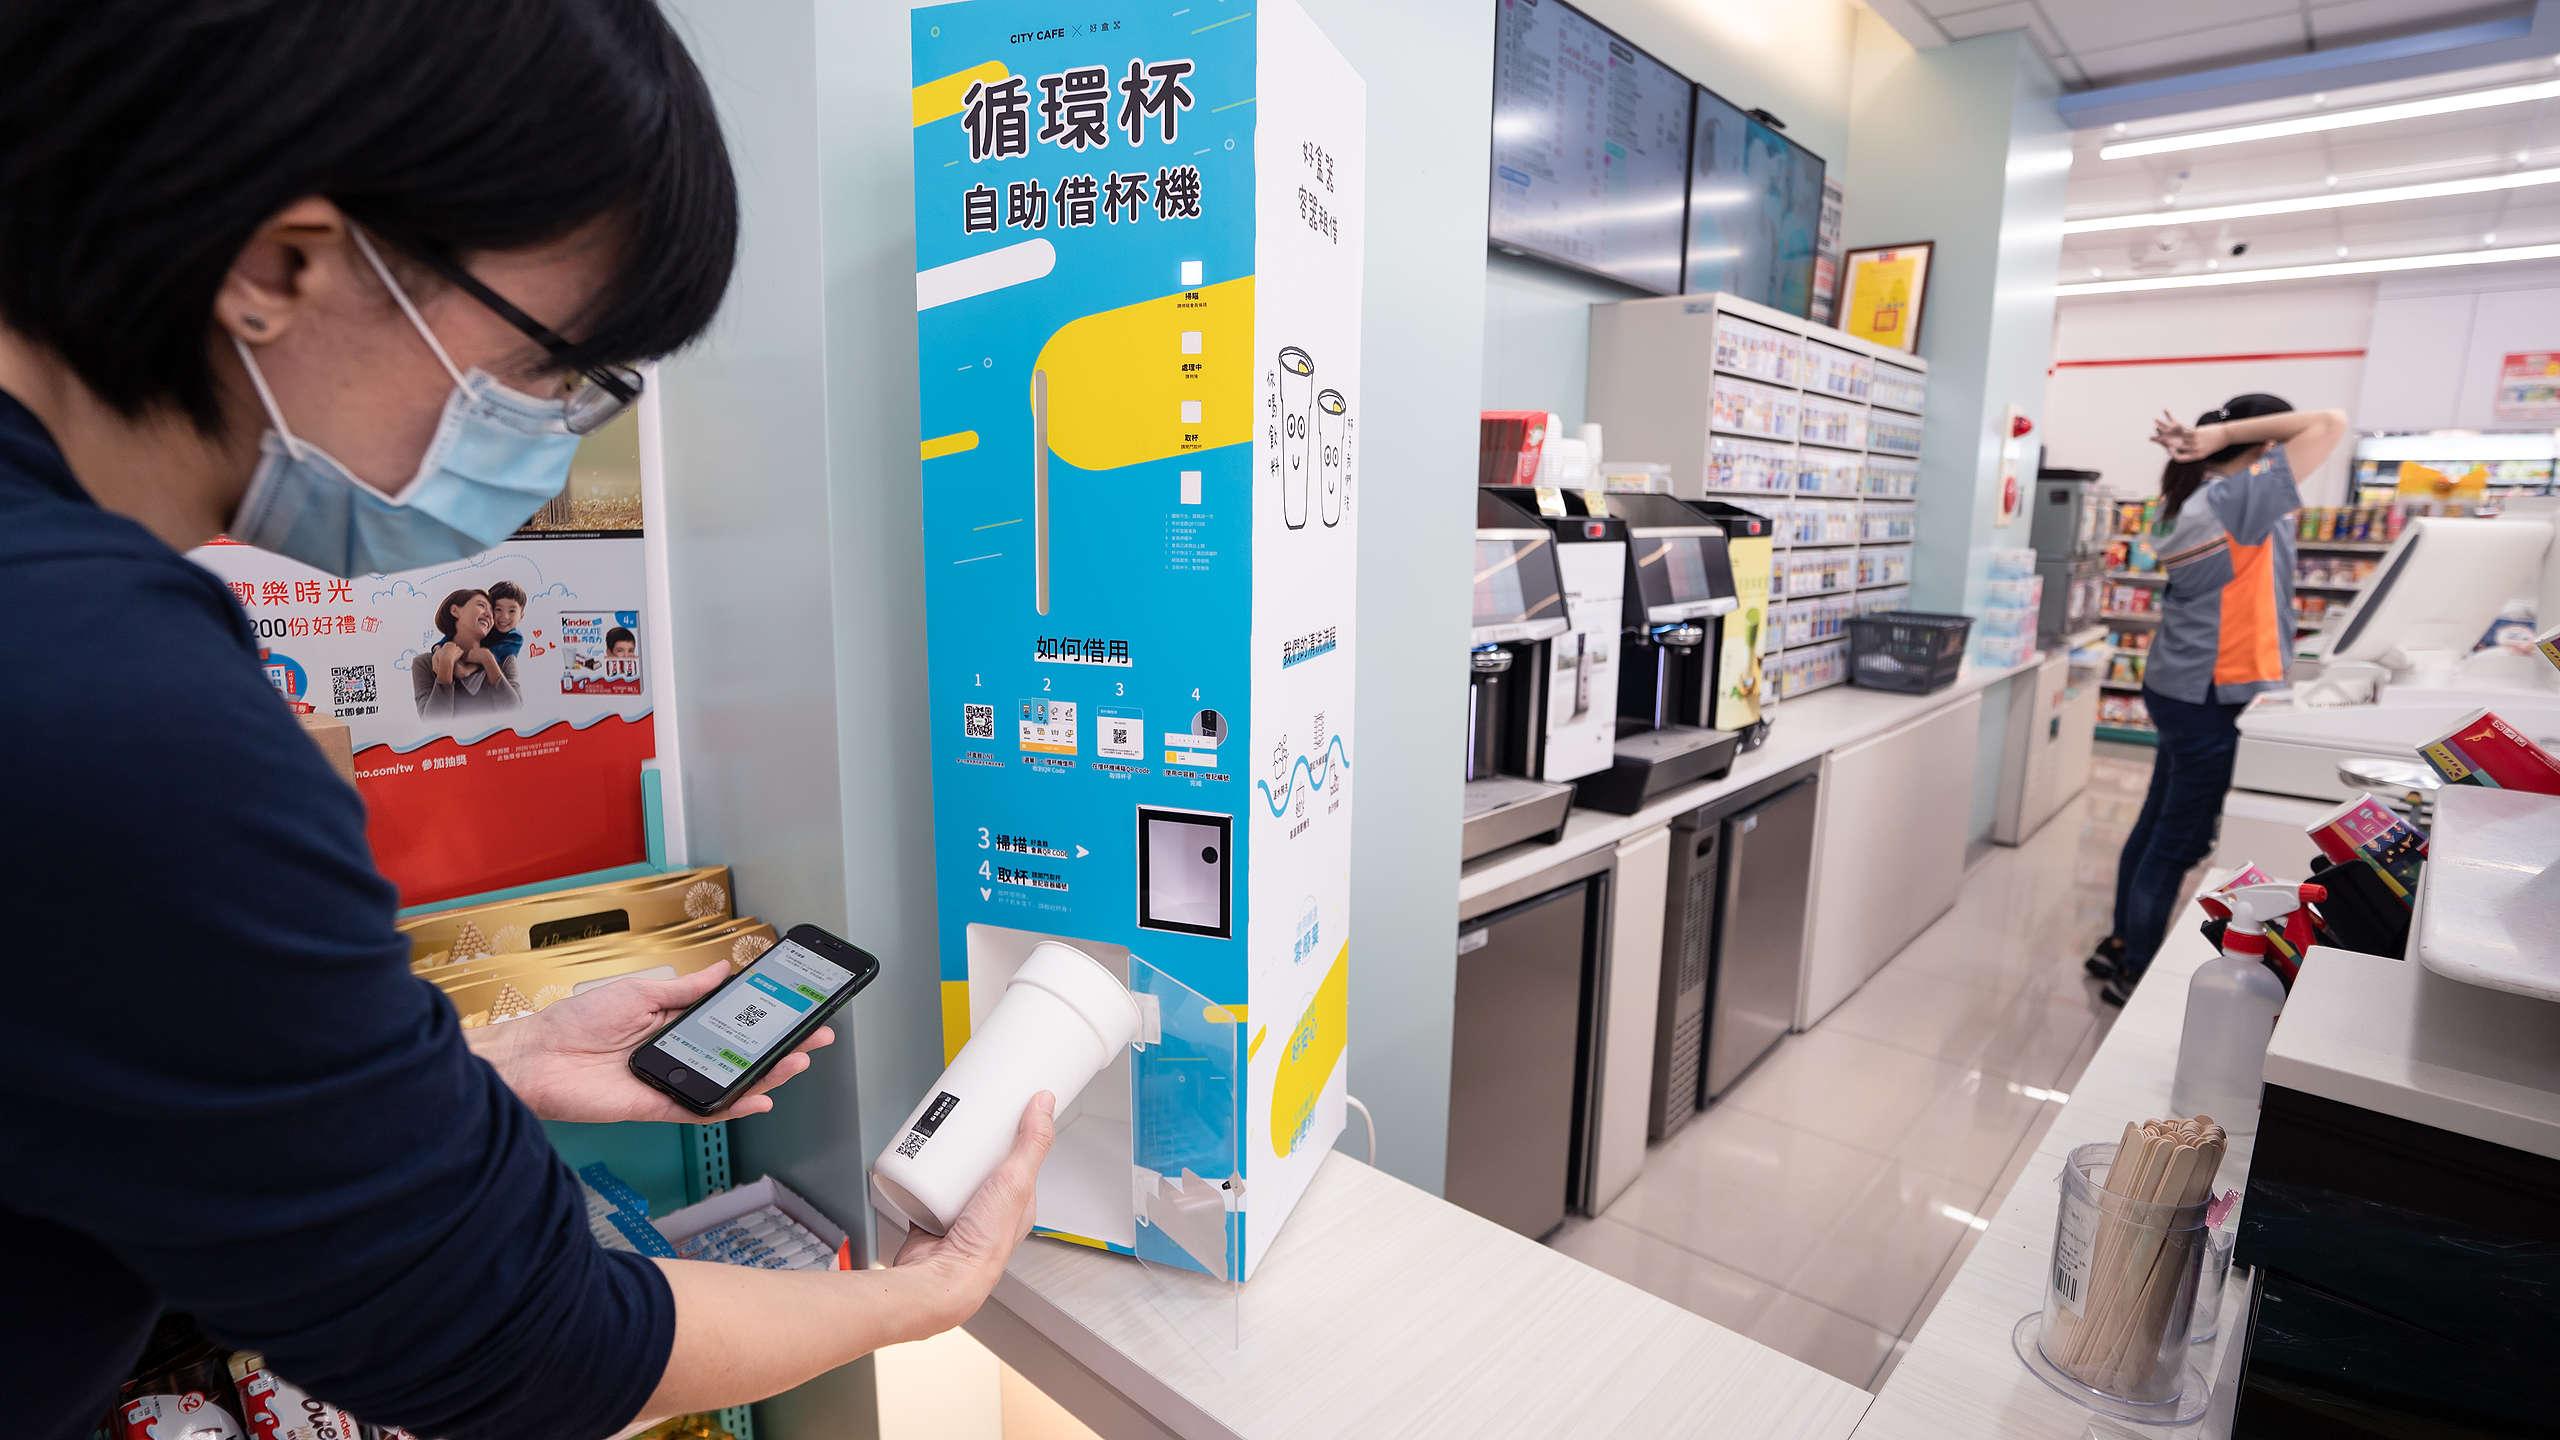 統一超商臺南門市設置循環租借杯機器,購買現做飲料的消費者多了一個無塑的選項。